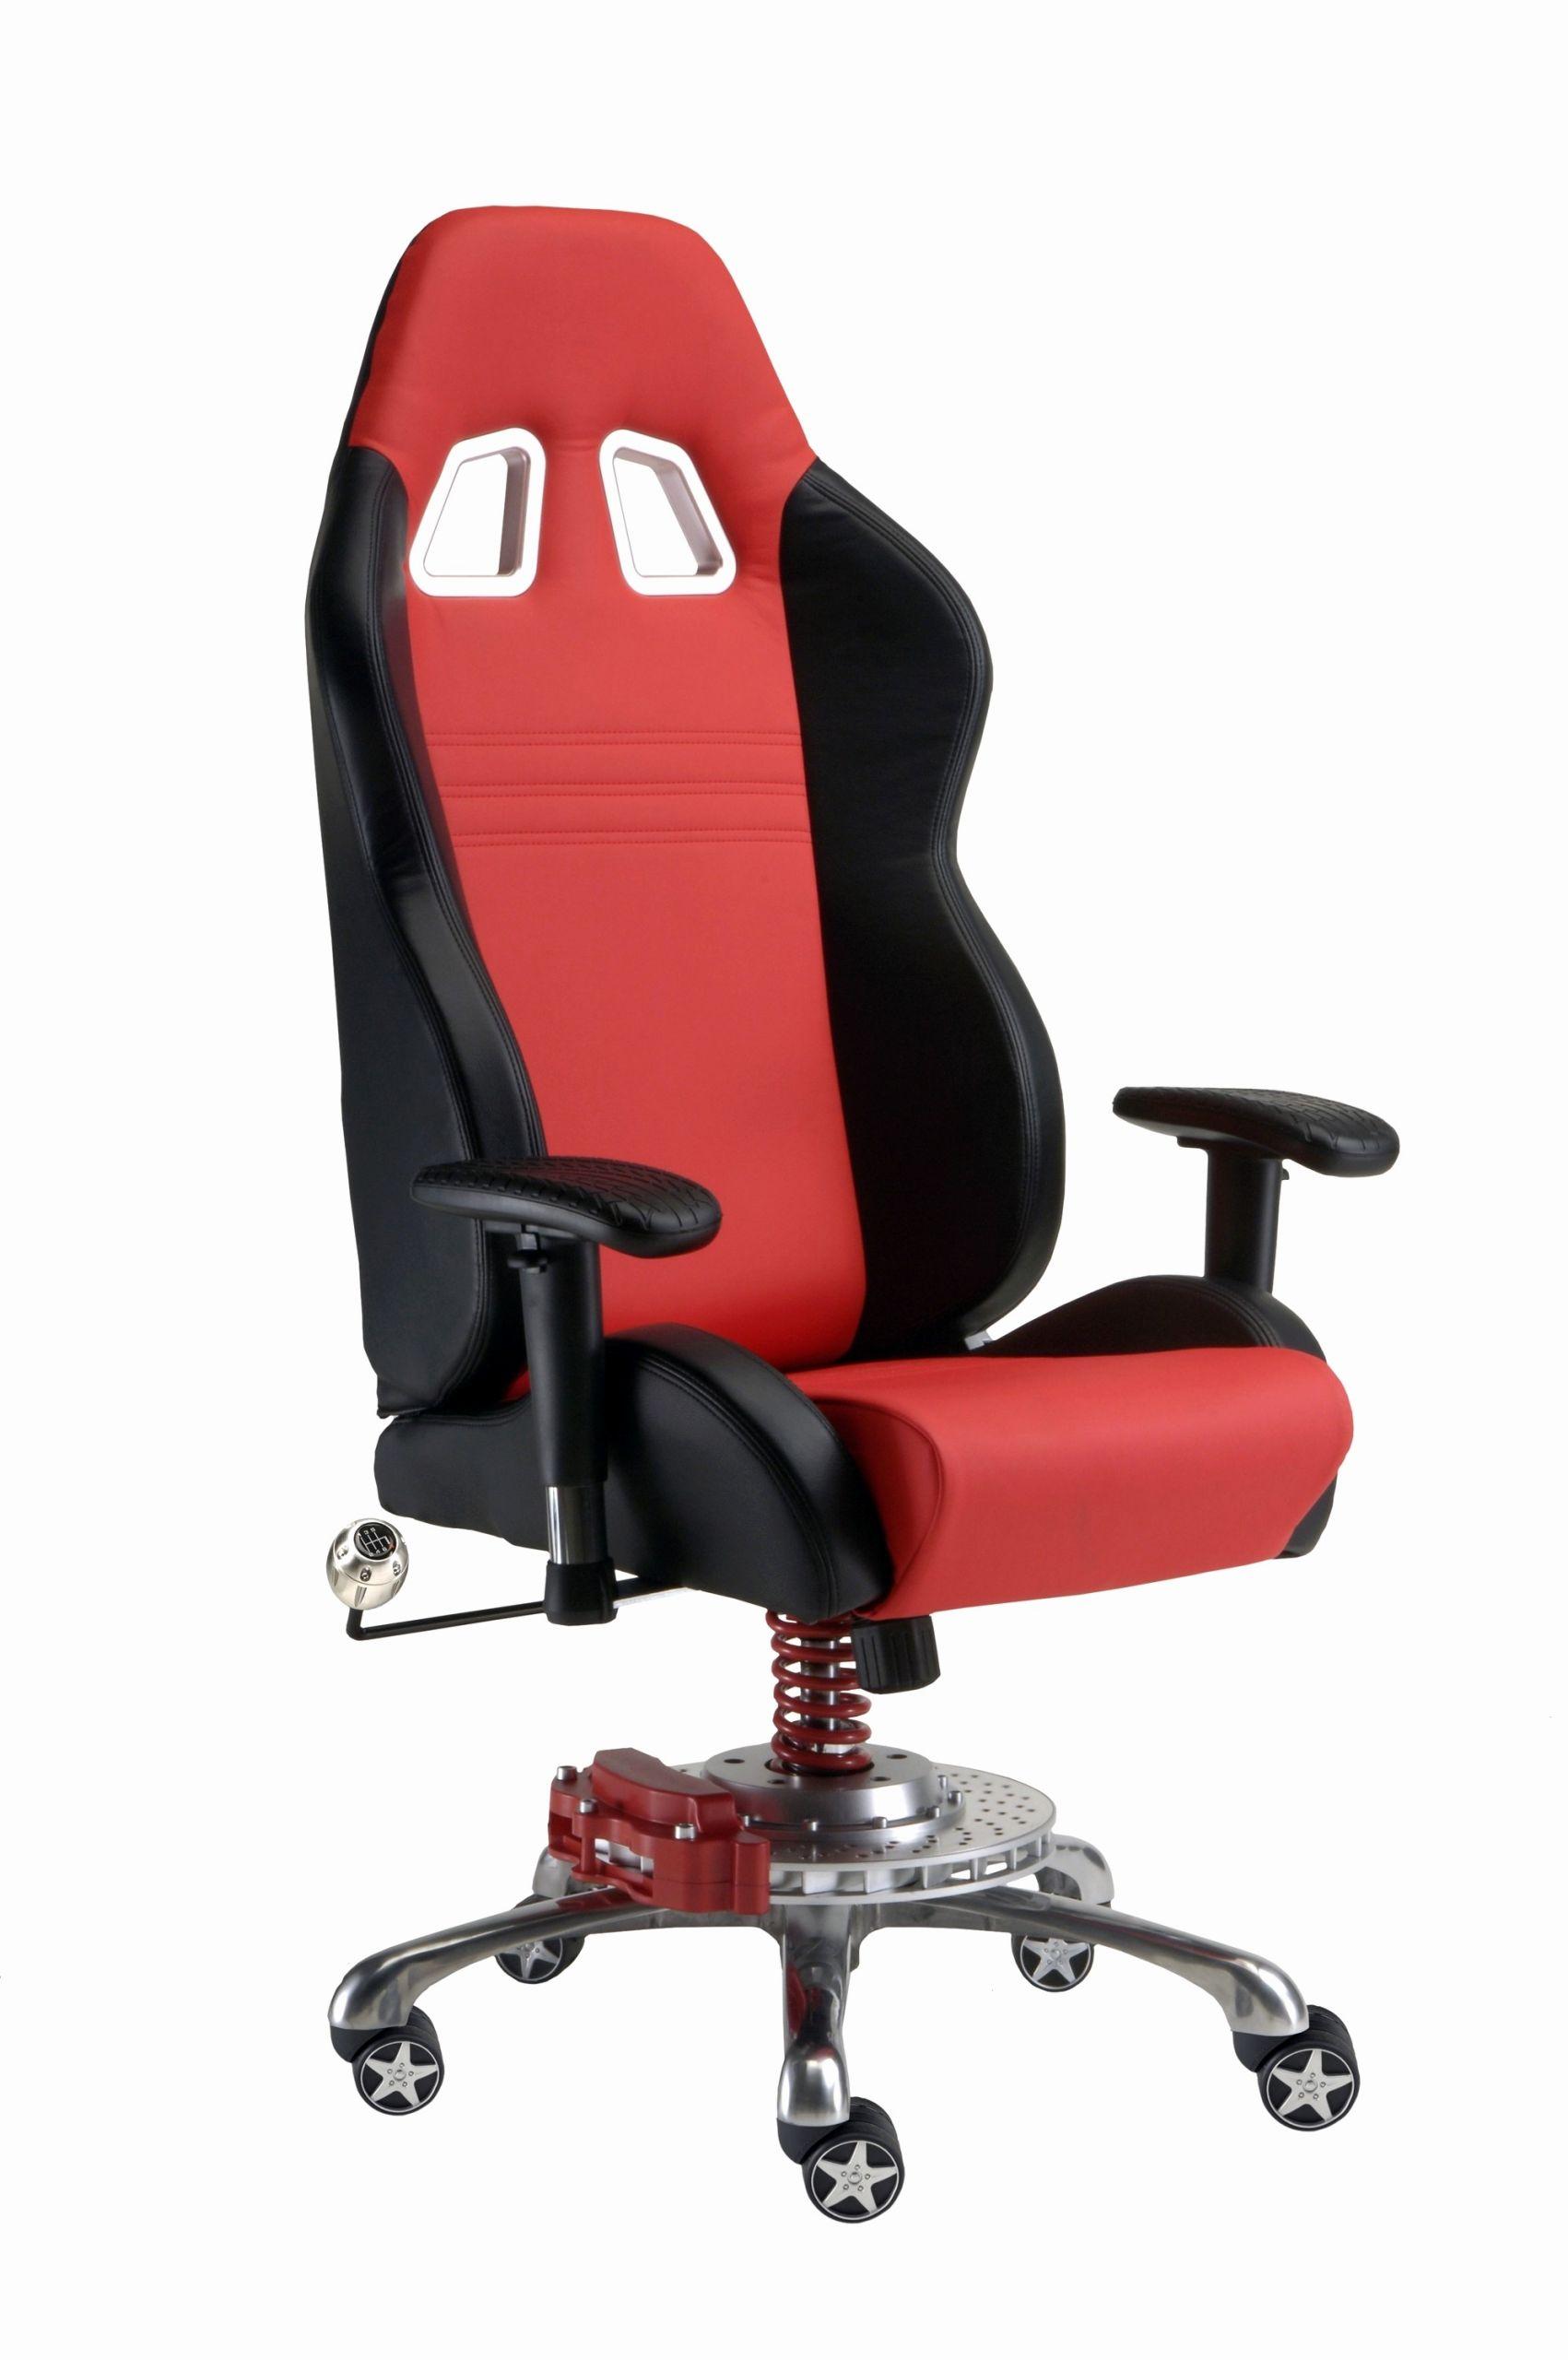 fauteuil en rotin conforama meilleur meuble graux chaises interessant osier fauteuil en rotin conforama meilleur meuble graux chaises amazing interesting images of